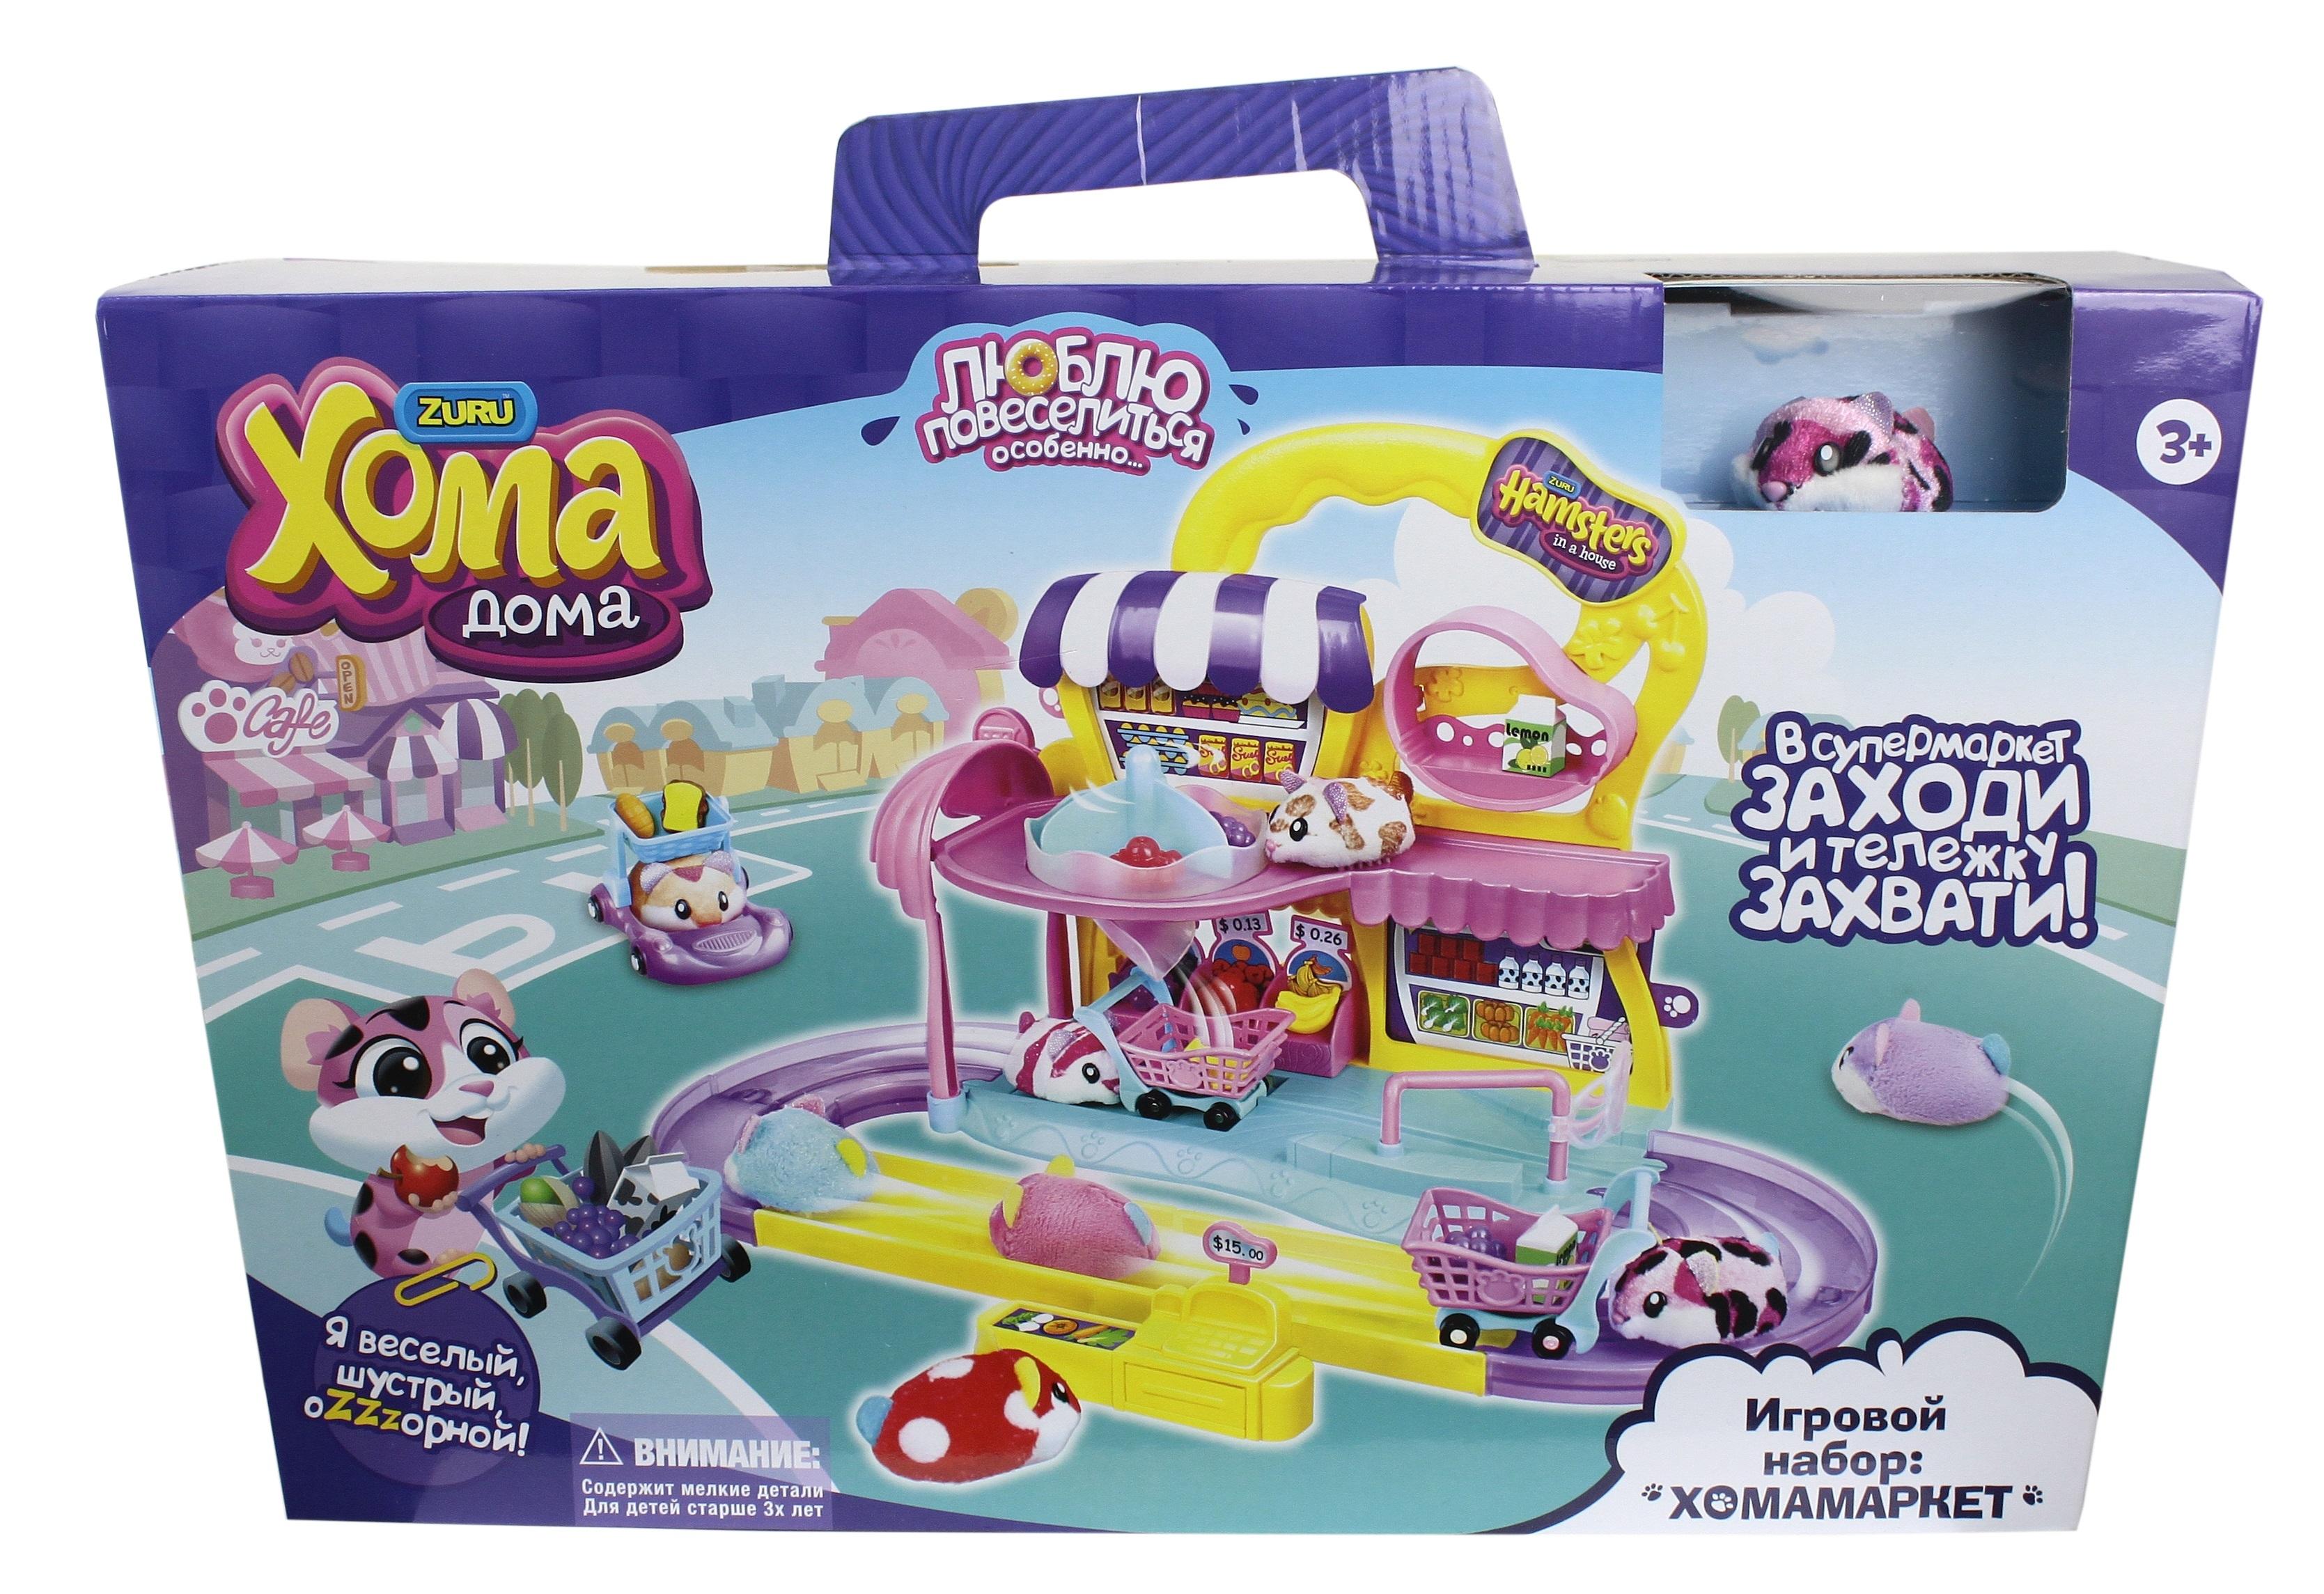 Фигурки героев мультфильмов 1toy Игровой набор 1Toy «Хома Дома. Хомамаркет» товары для дома